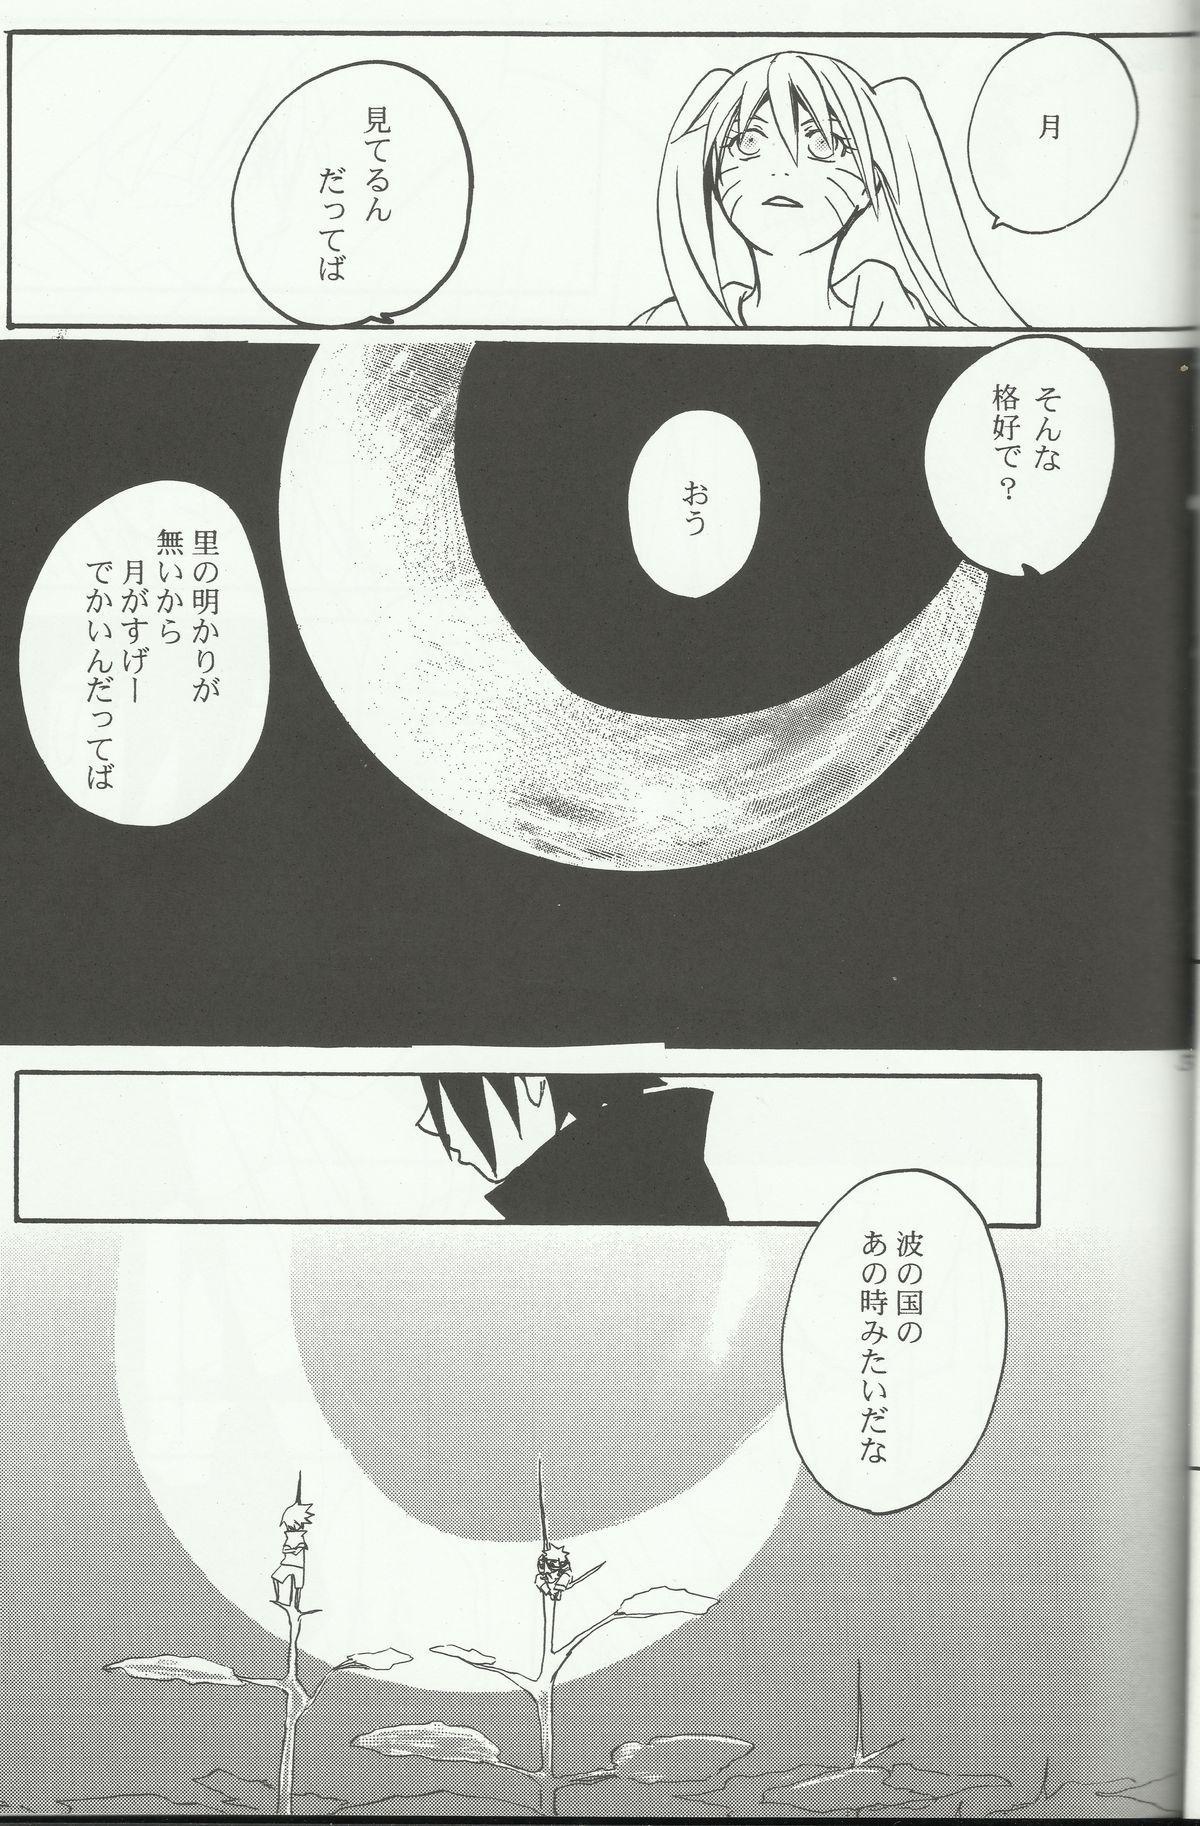 Mou Ichido Kimi ni Au tame ni 4